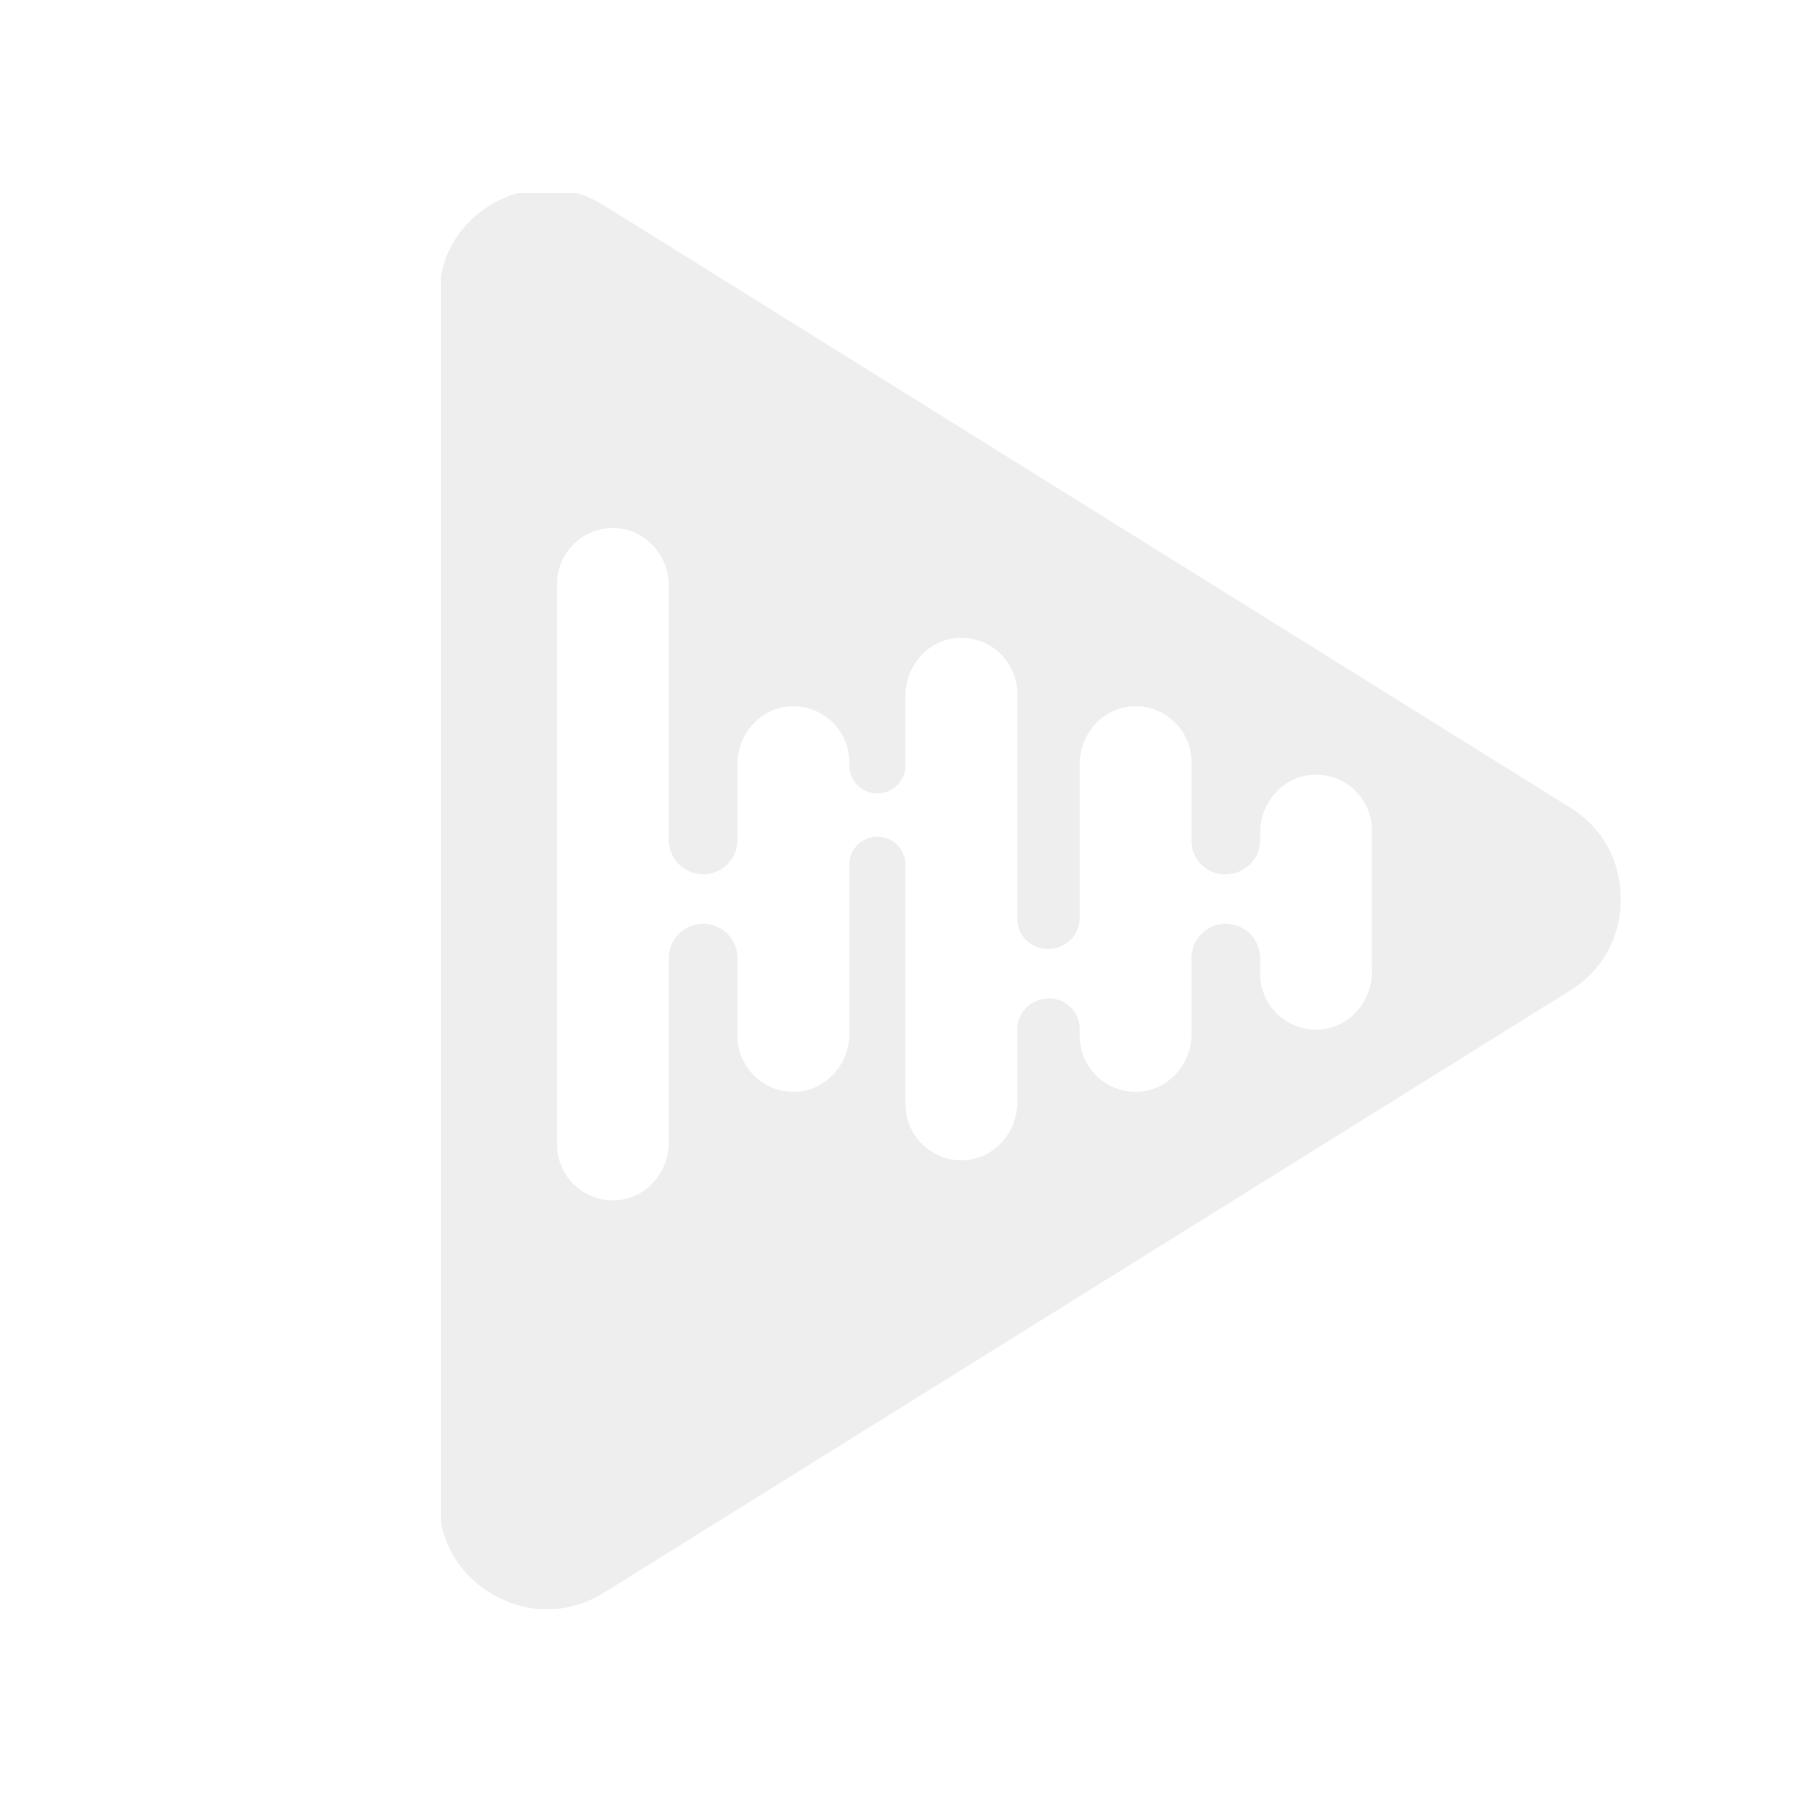 Hertz Mille Pro MPK 130.3